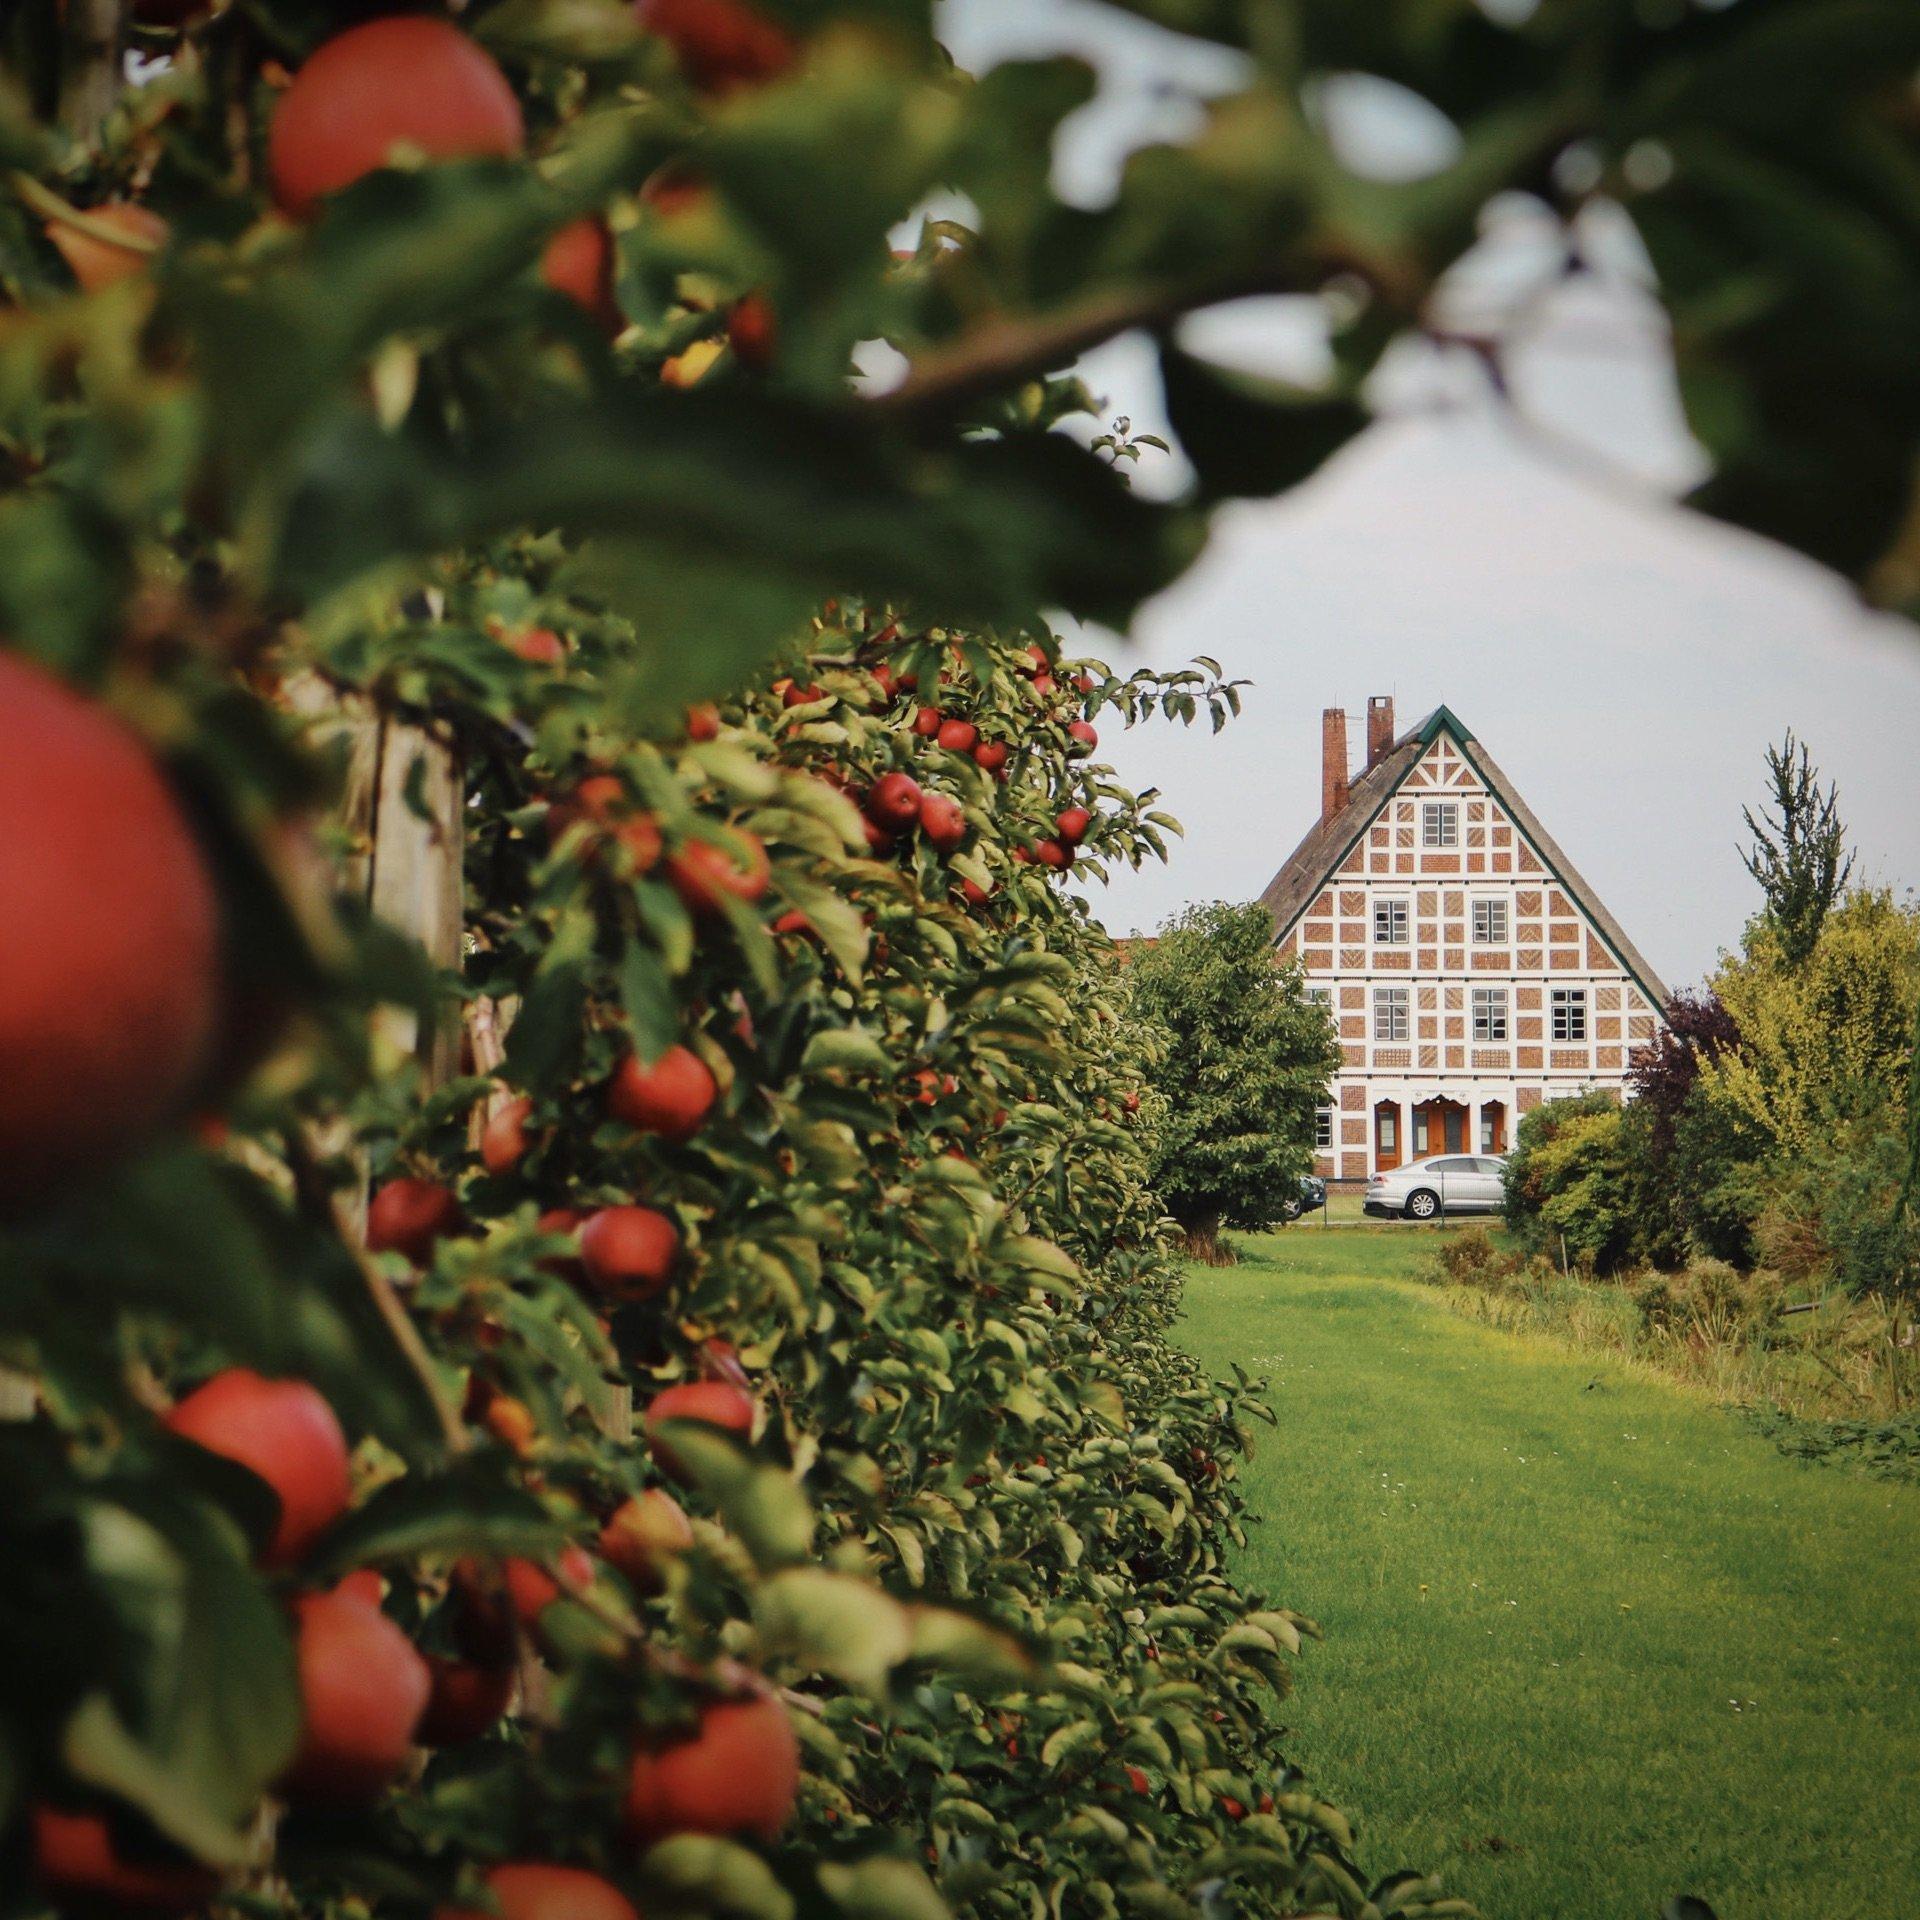 Tipps Für Das Alte Land Vor Den Toren Hamburgs: Von Brauttüren, Apfelbaumpaten Und Prunkpforten